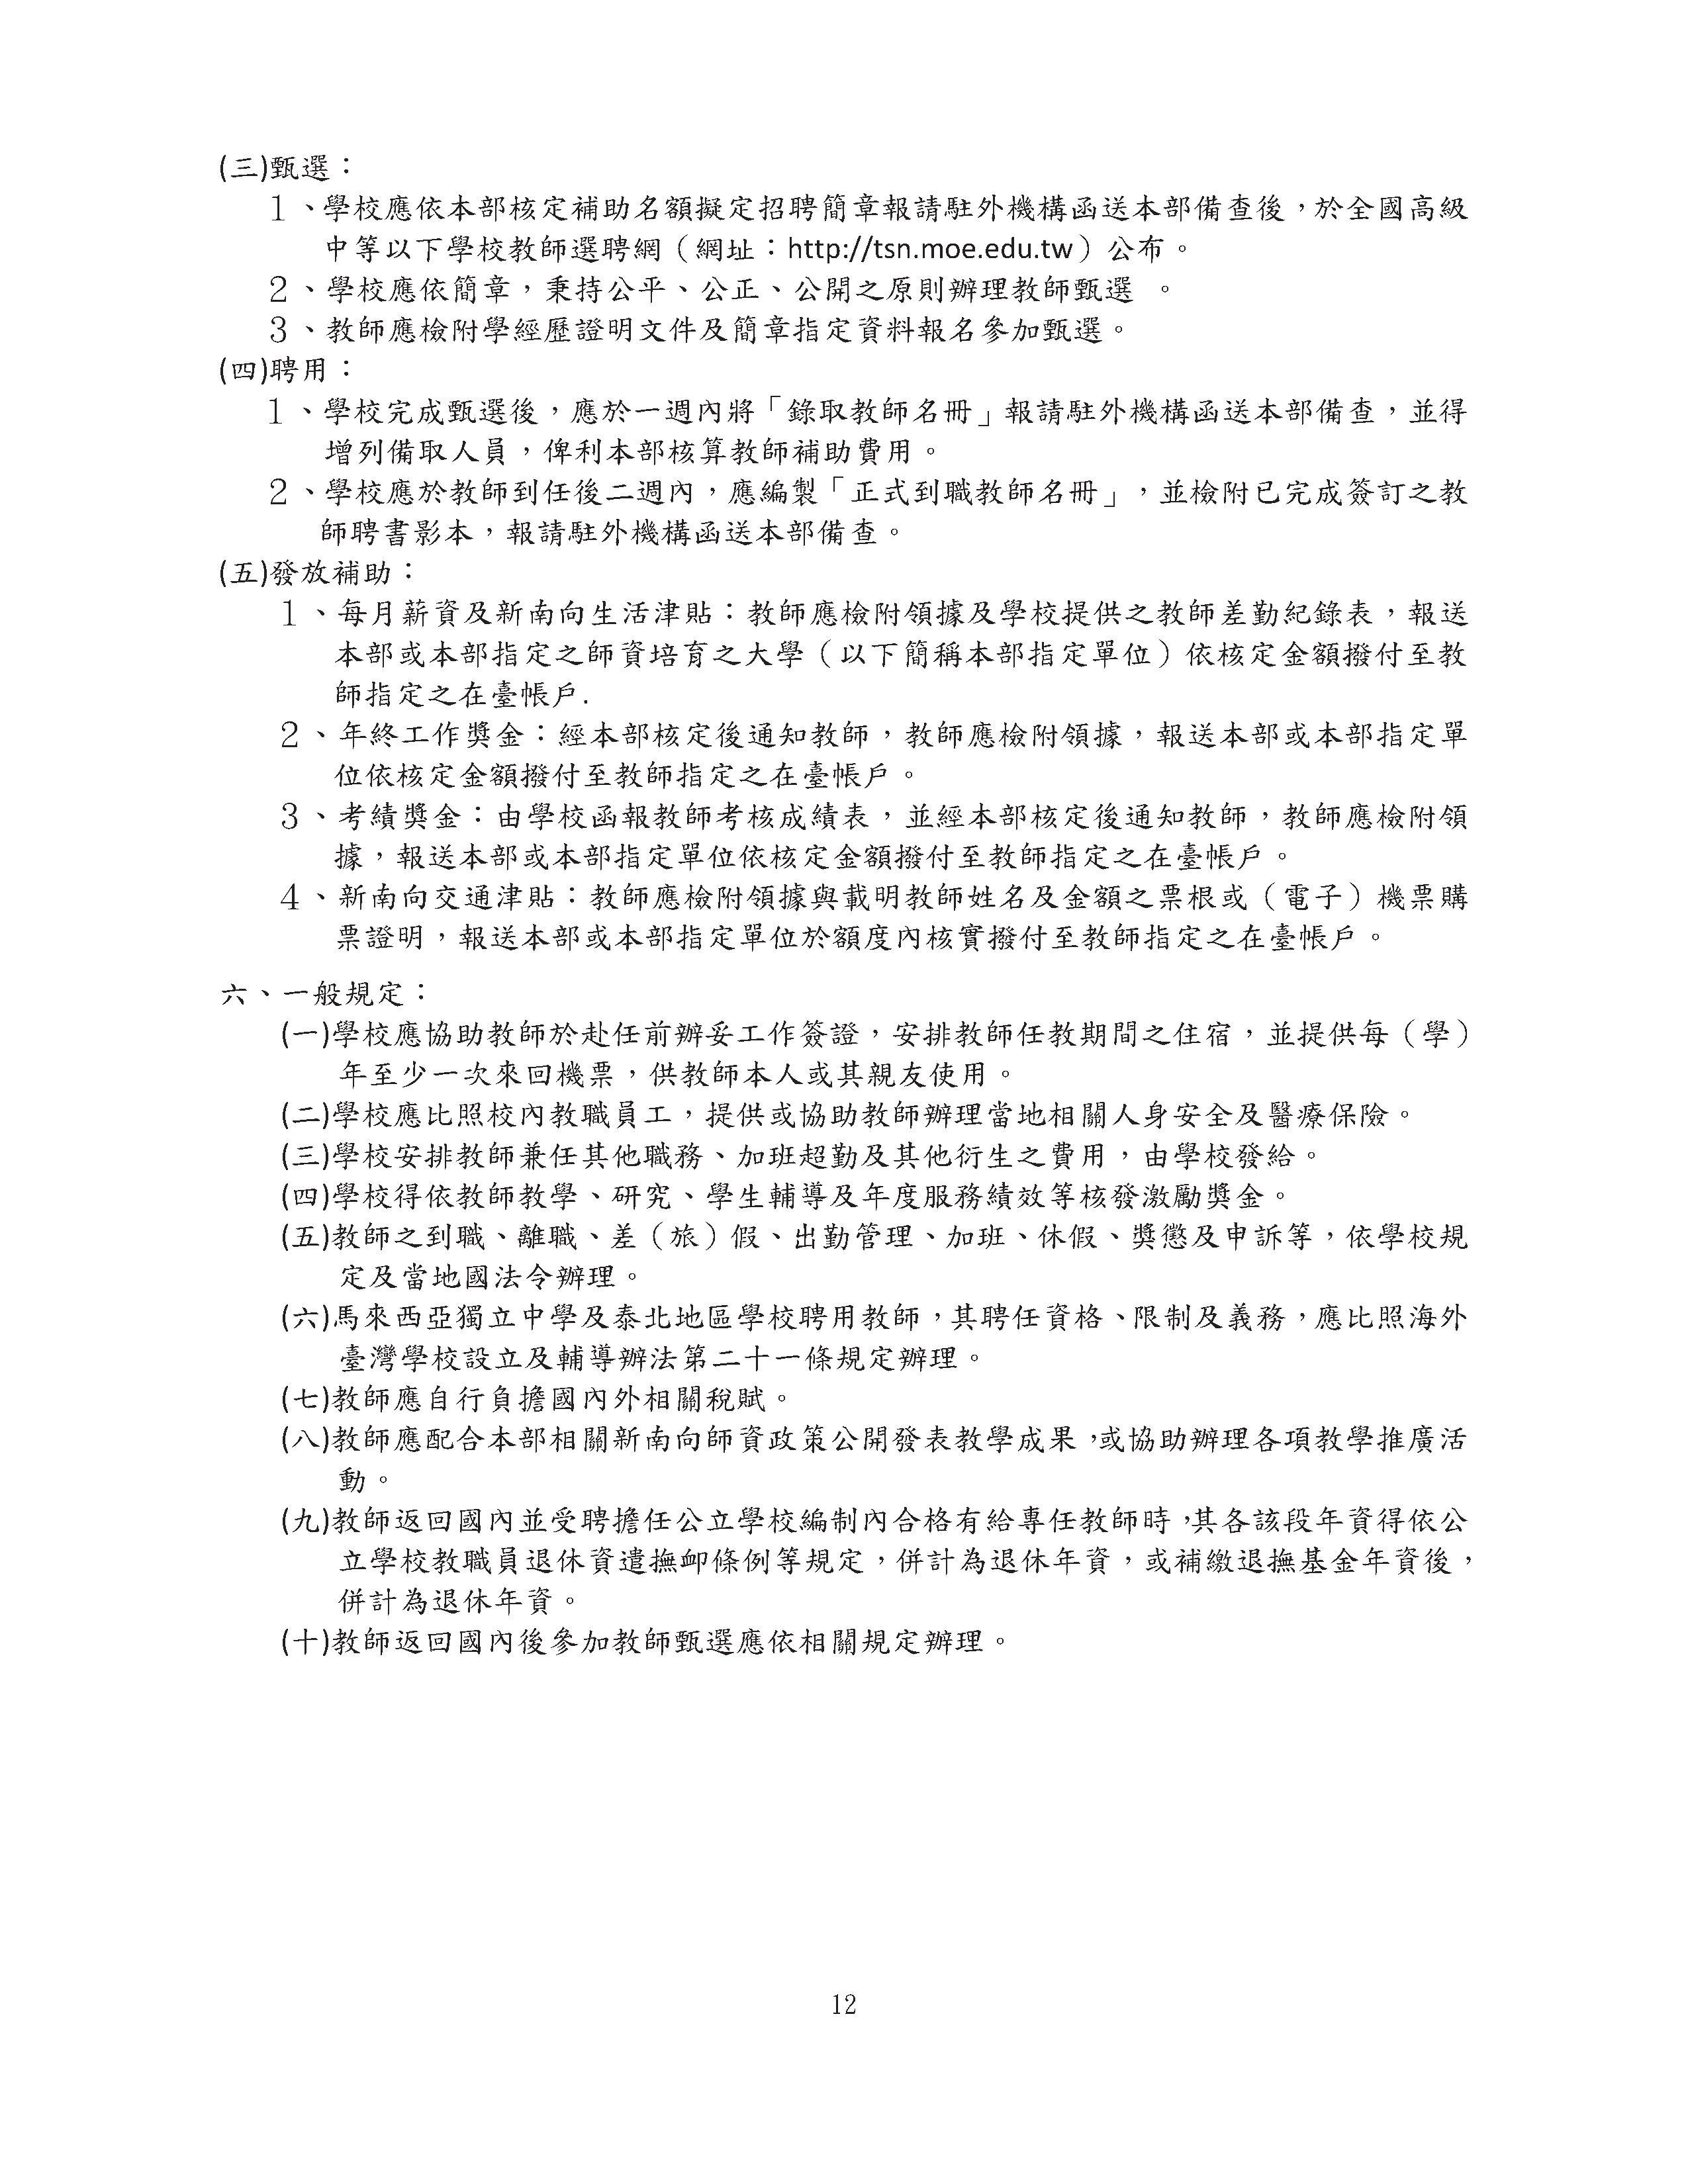 (公告版)108學年徴聘教師甄選簡章(四所臺校聯合招聘).pdf00011